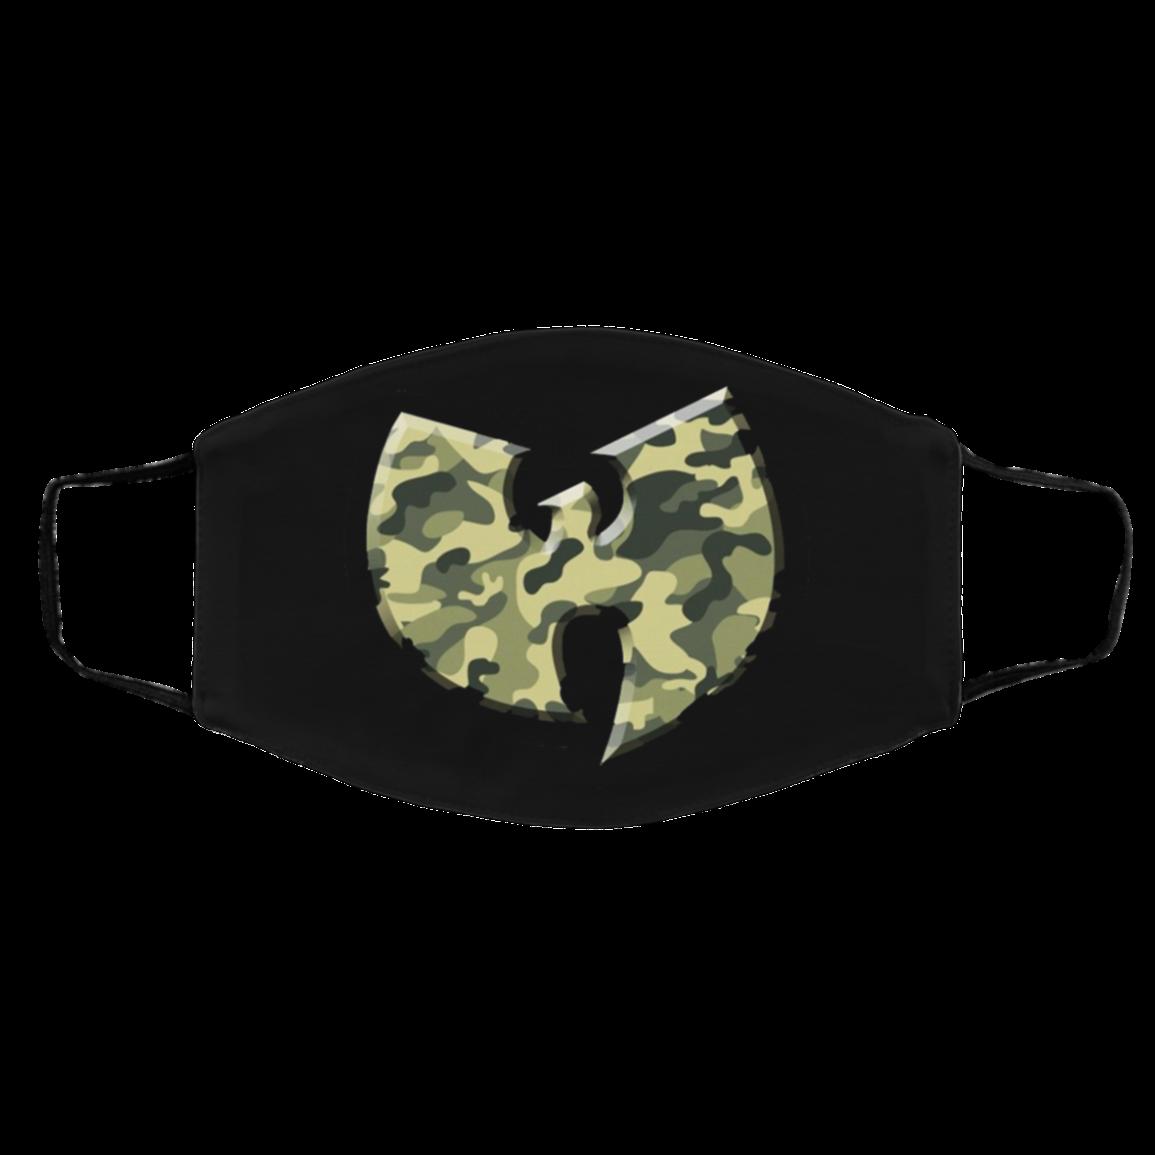 3D WuT-ang Camo Filter Face Mask